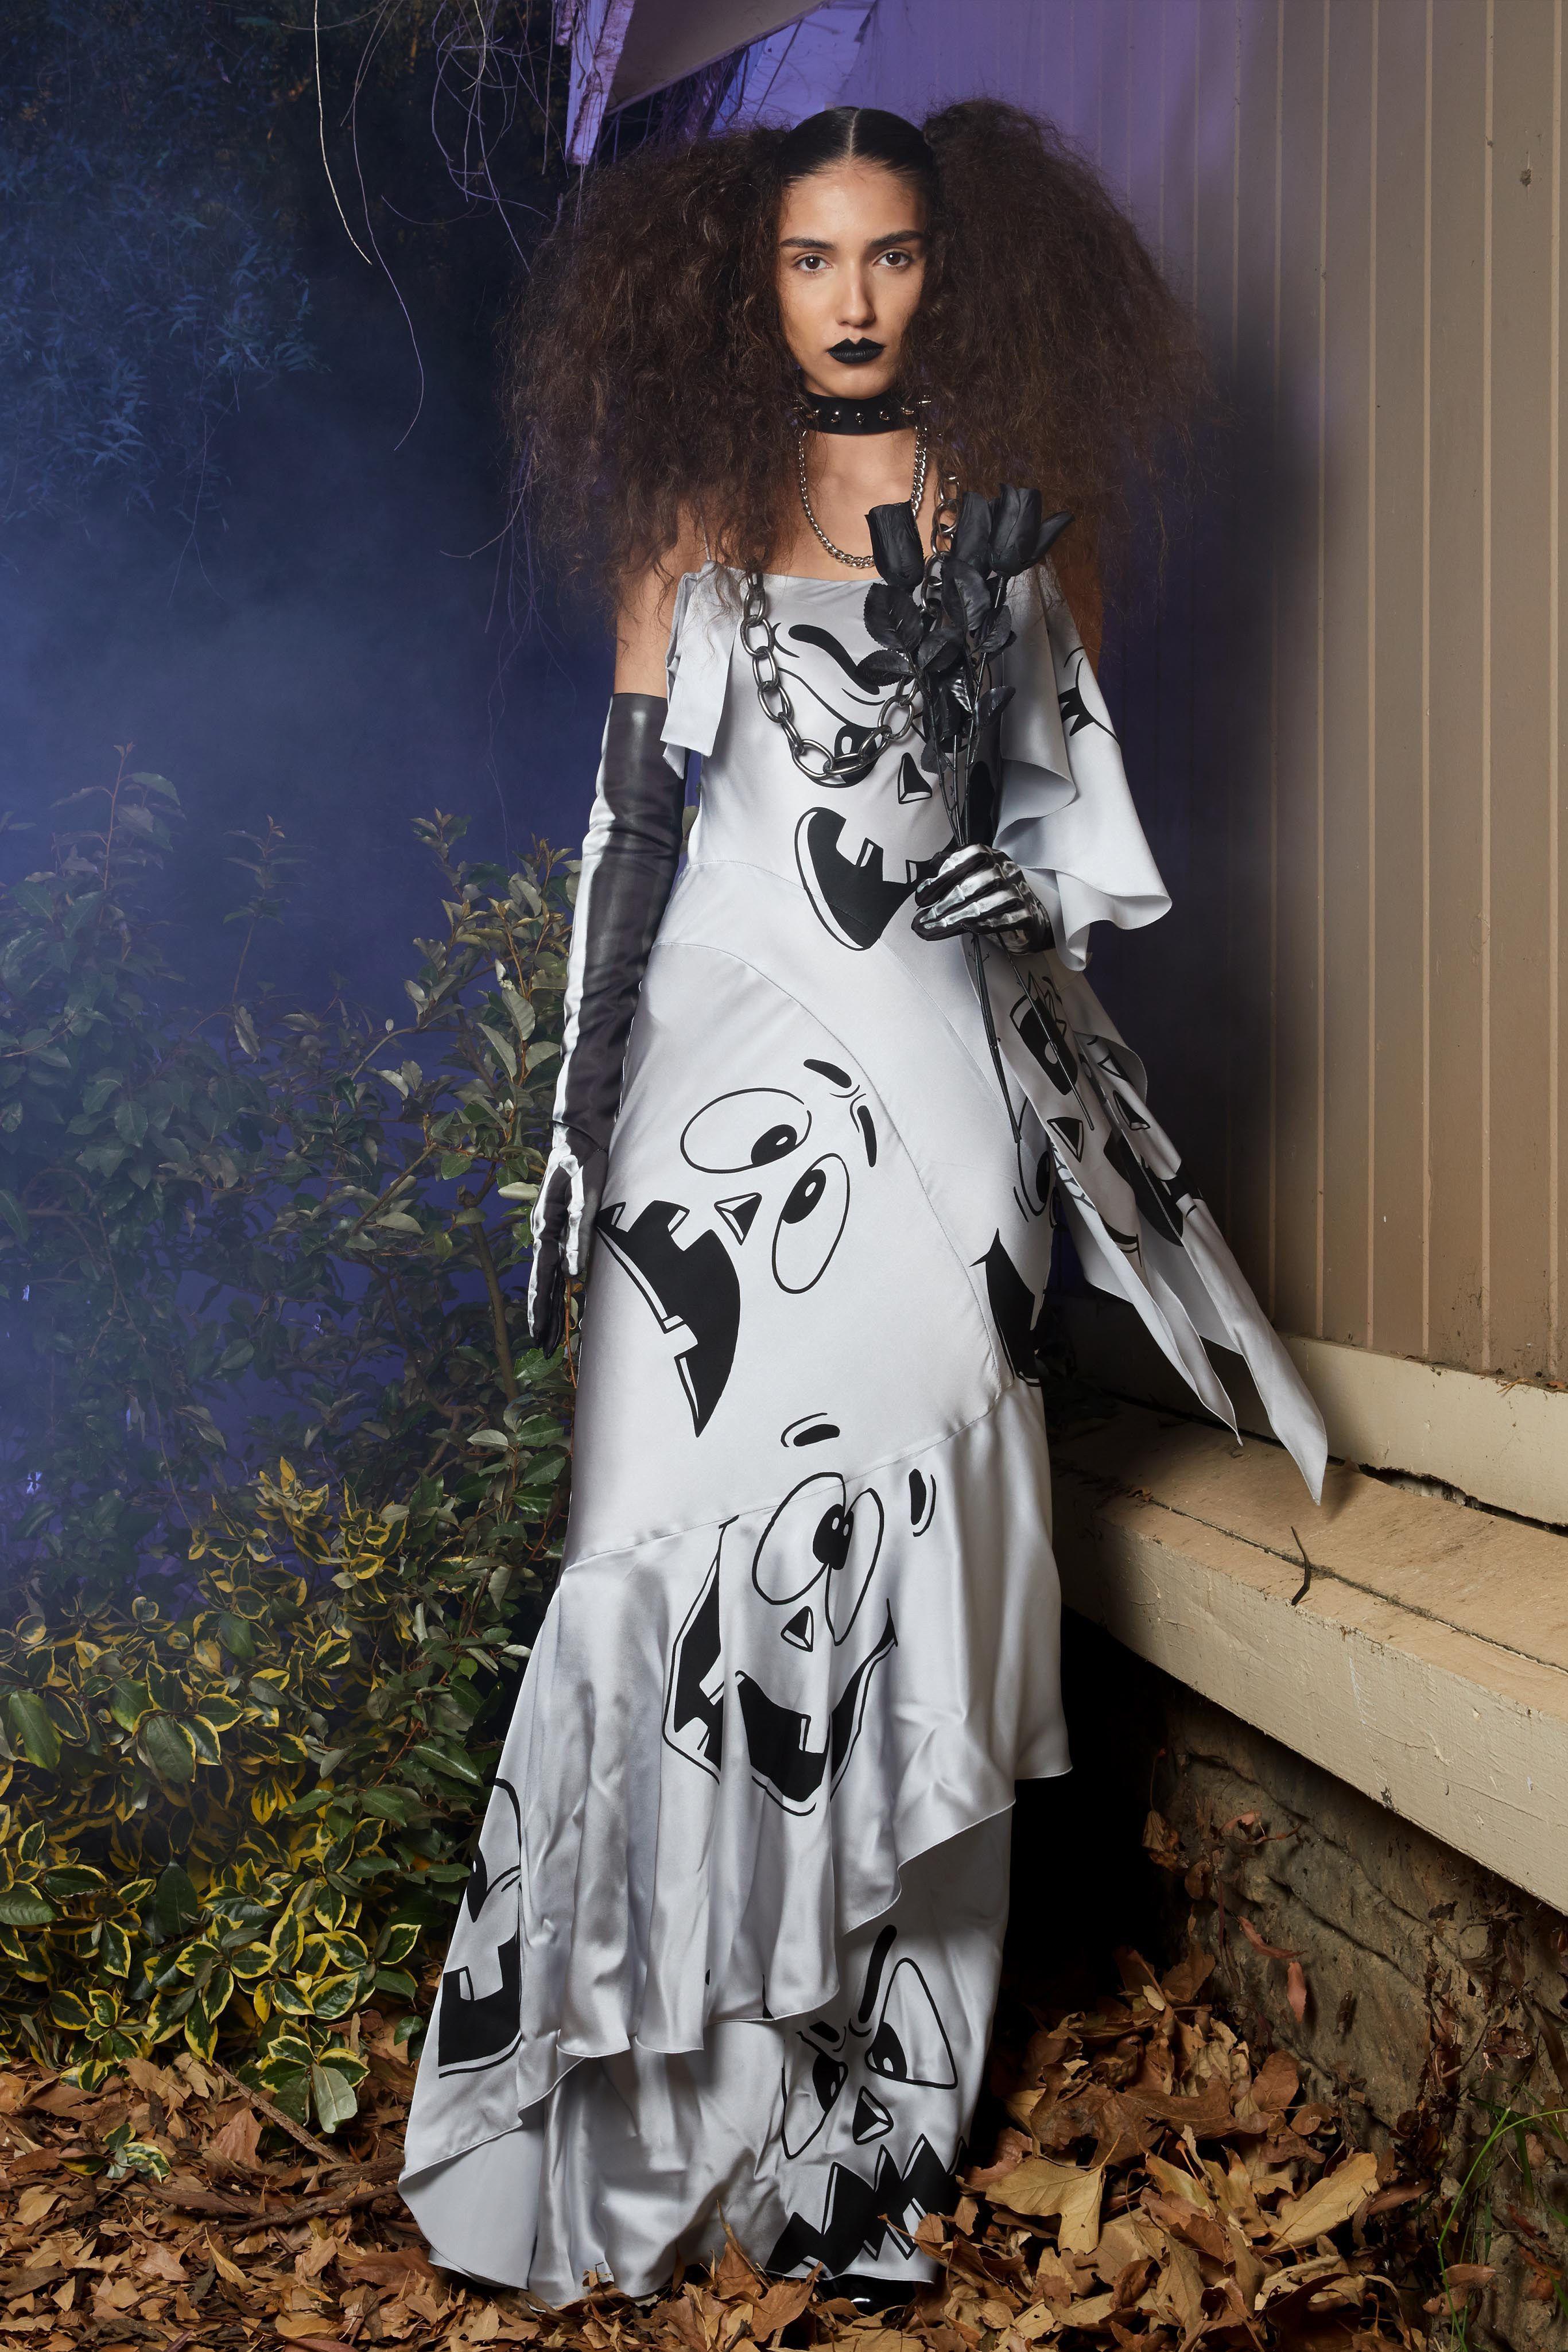 Halloween Runway Show 2020 Moschino Spring 2020 Menswear Fashion Show   Vogue | Fashion